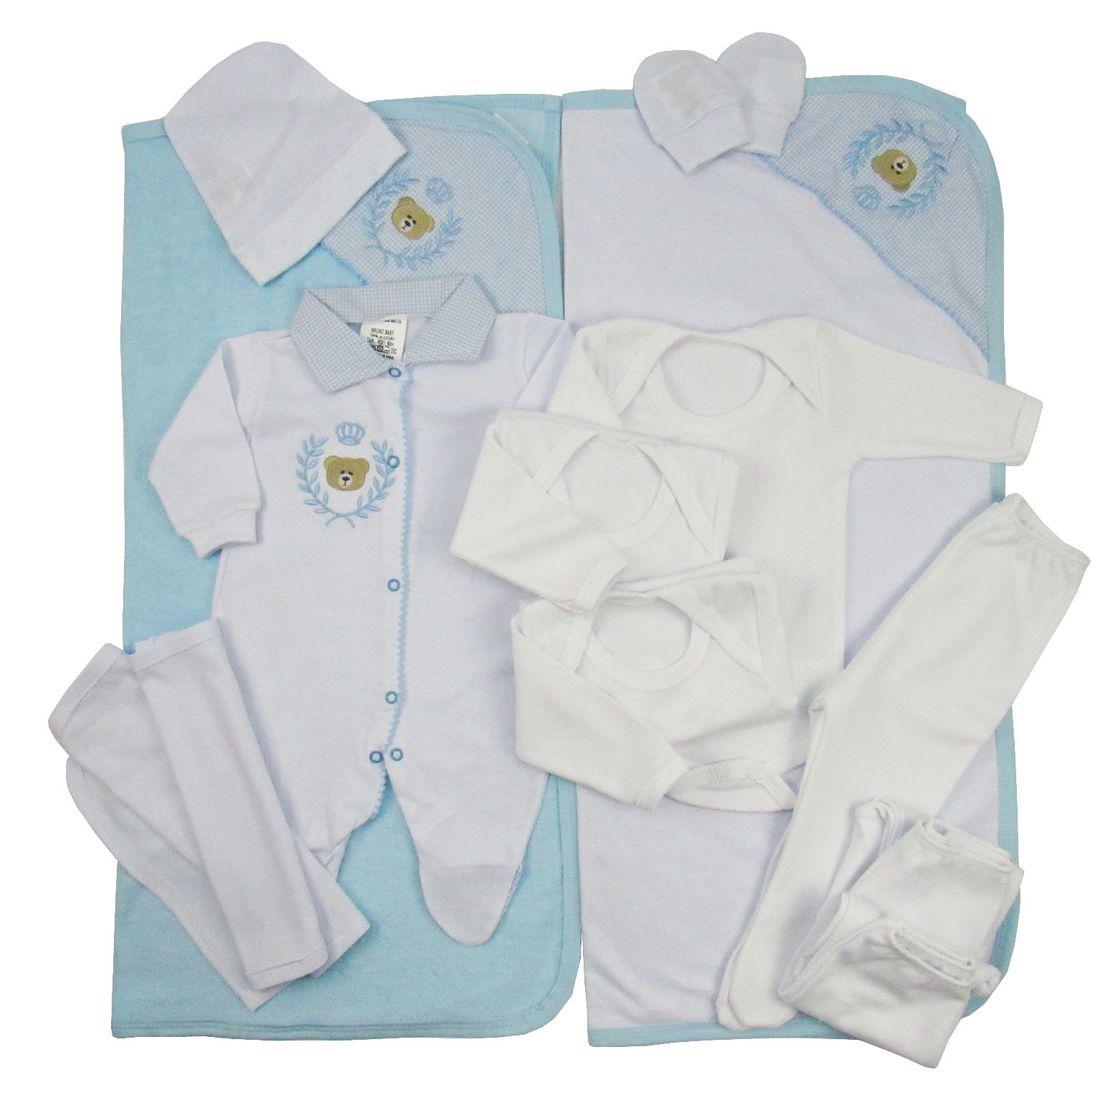 Enxoval Maternidade Masculino Azul Claro com 13 Peças - poetique db0c82aadae12